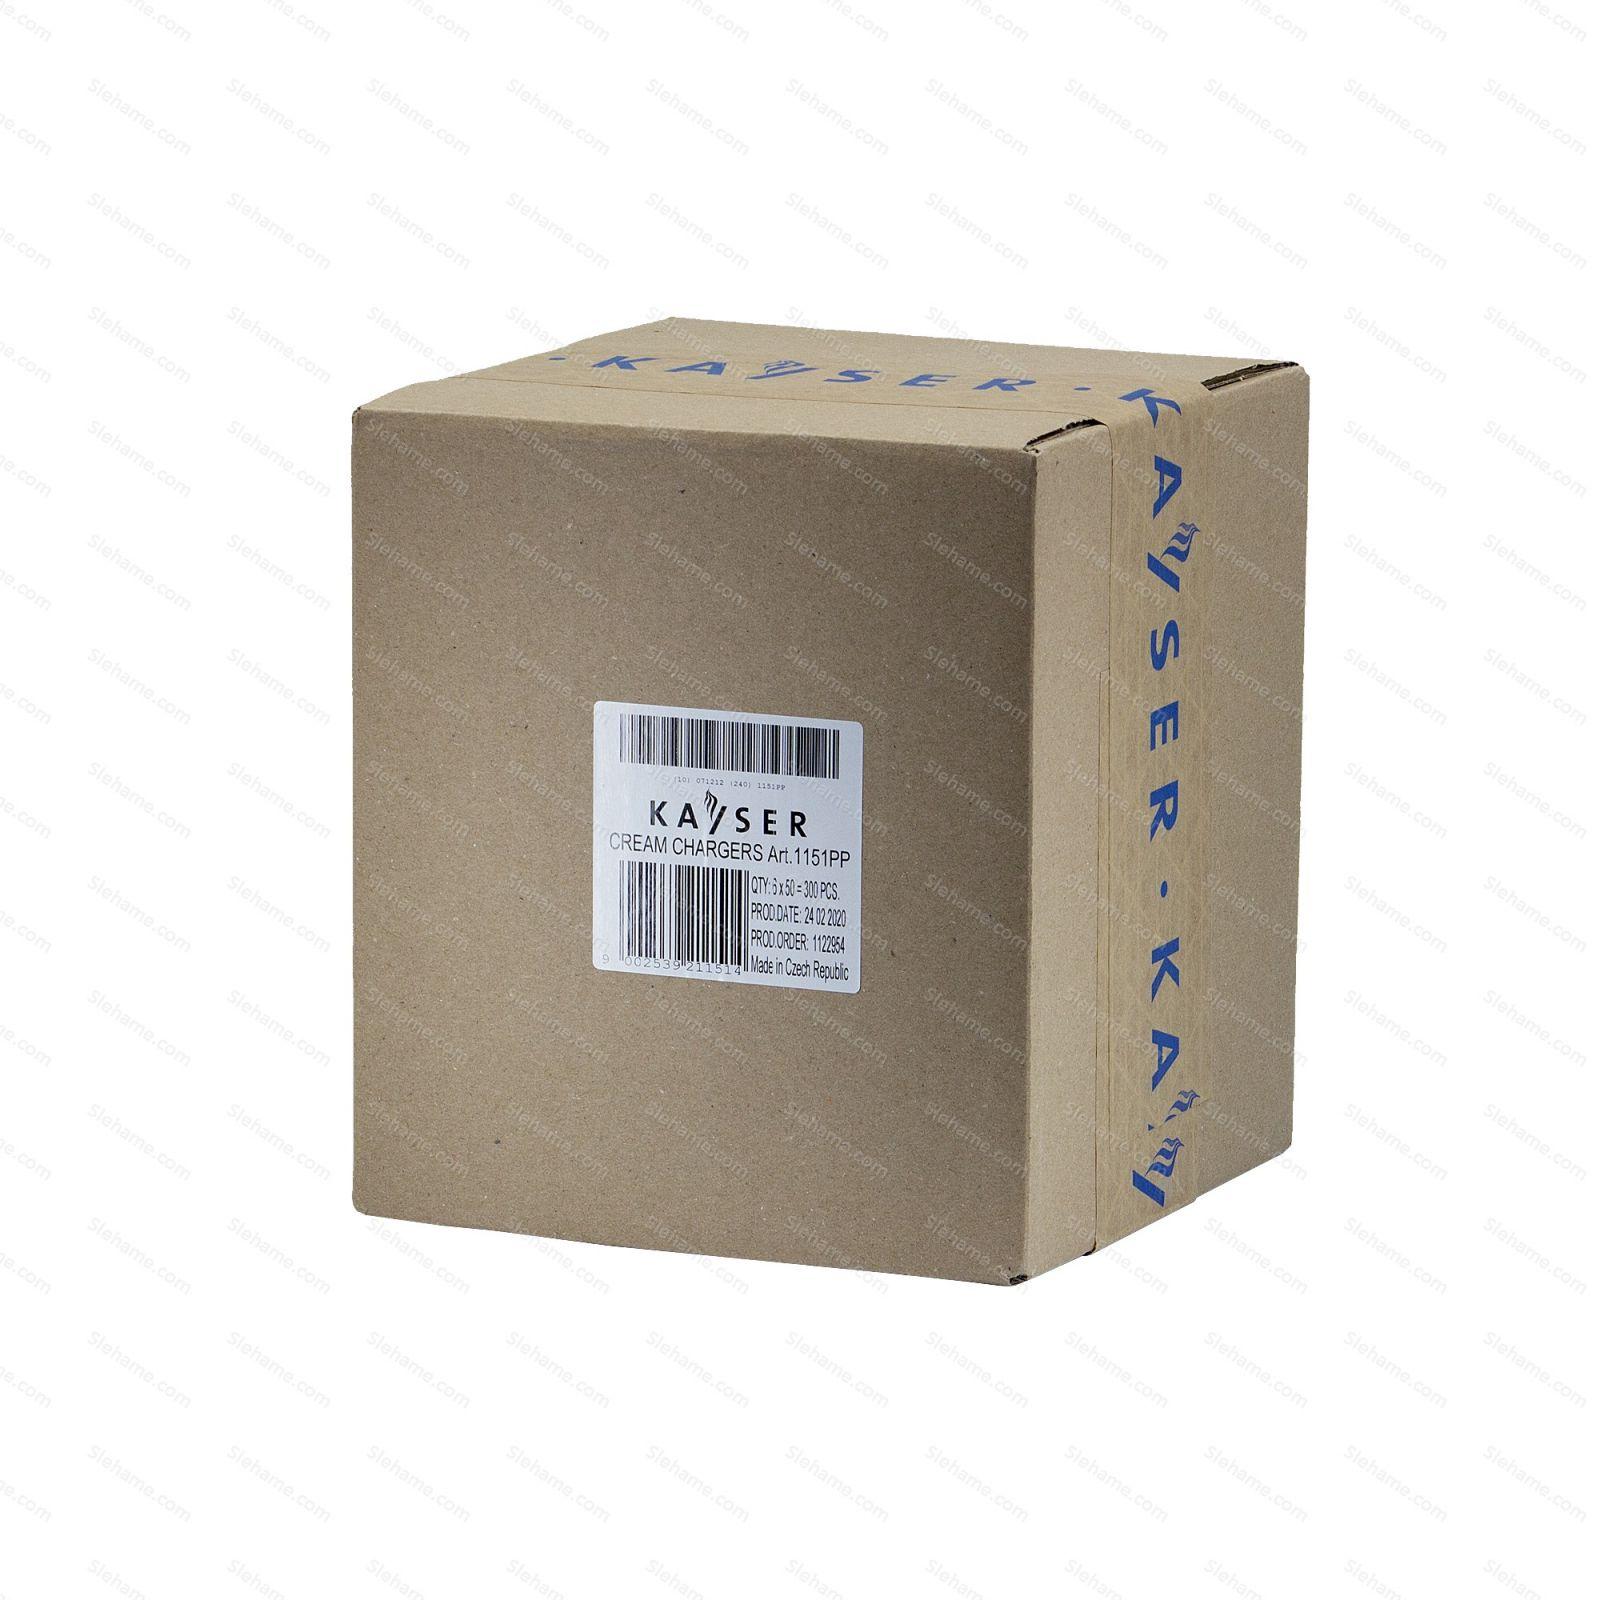 Šlehačkové bombičky Kayser 7.5 g N2O, 50 ks (karton)